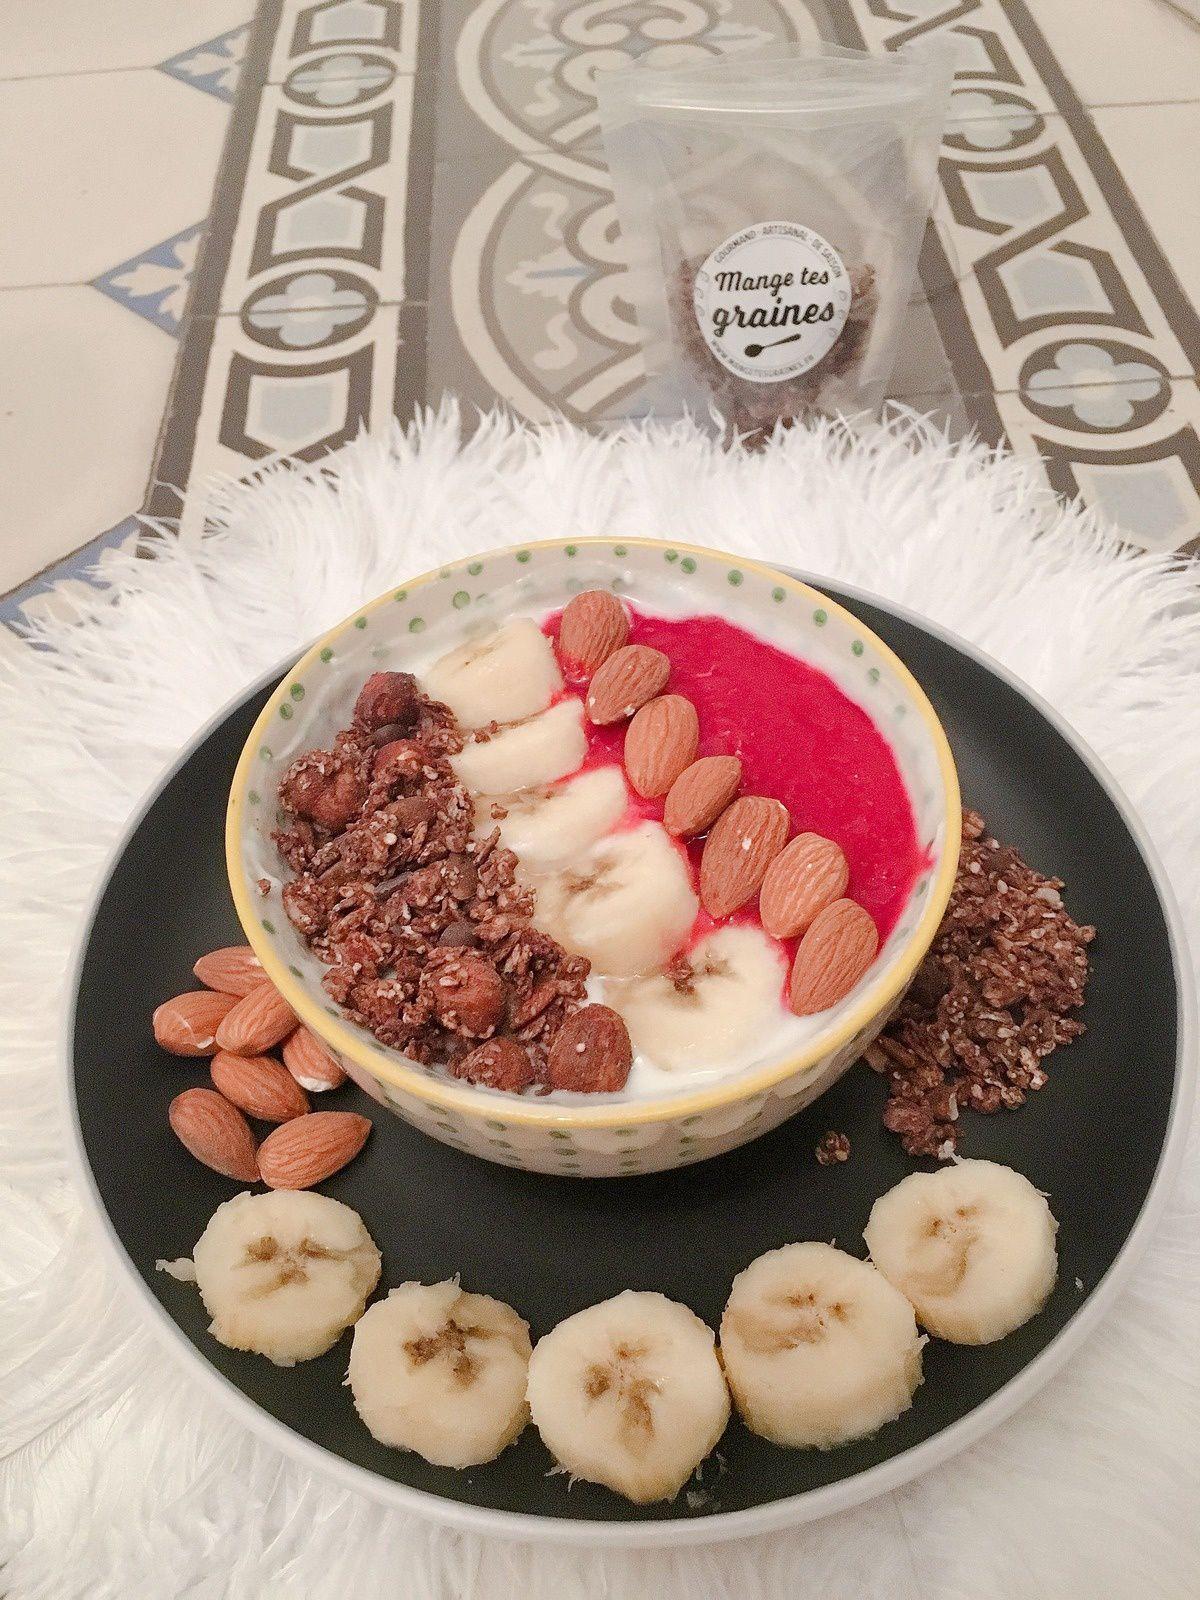 Mange tes graines, un snack healthy pour twister ses repas !